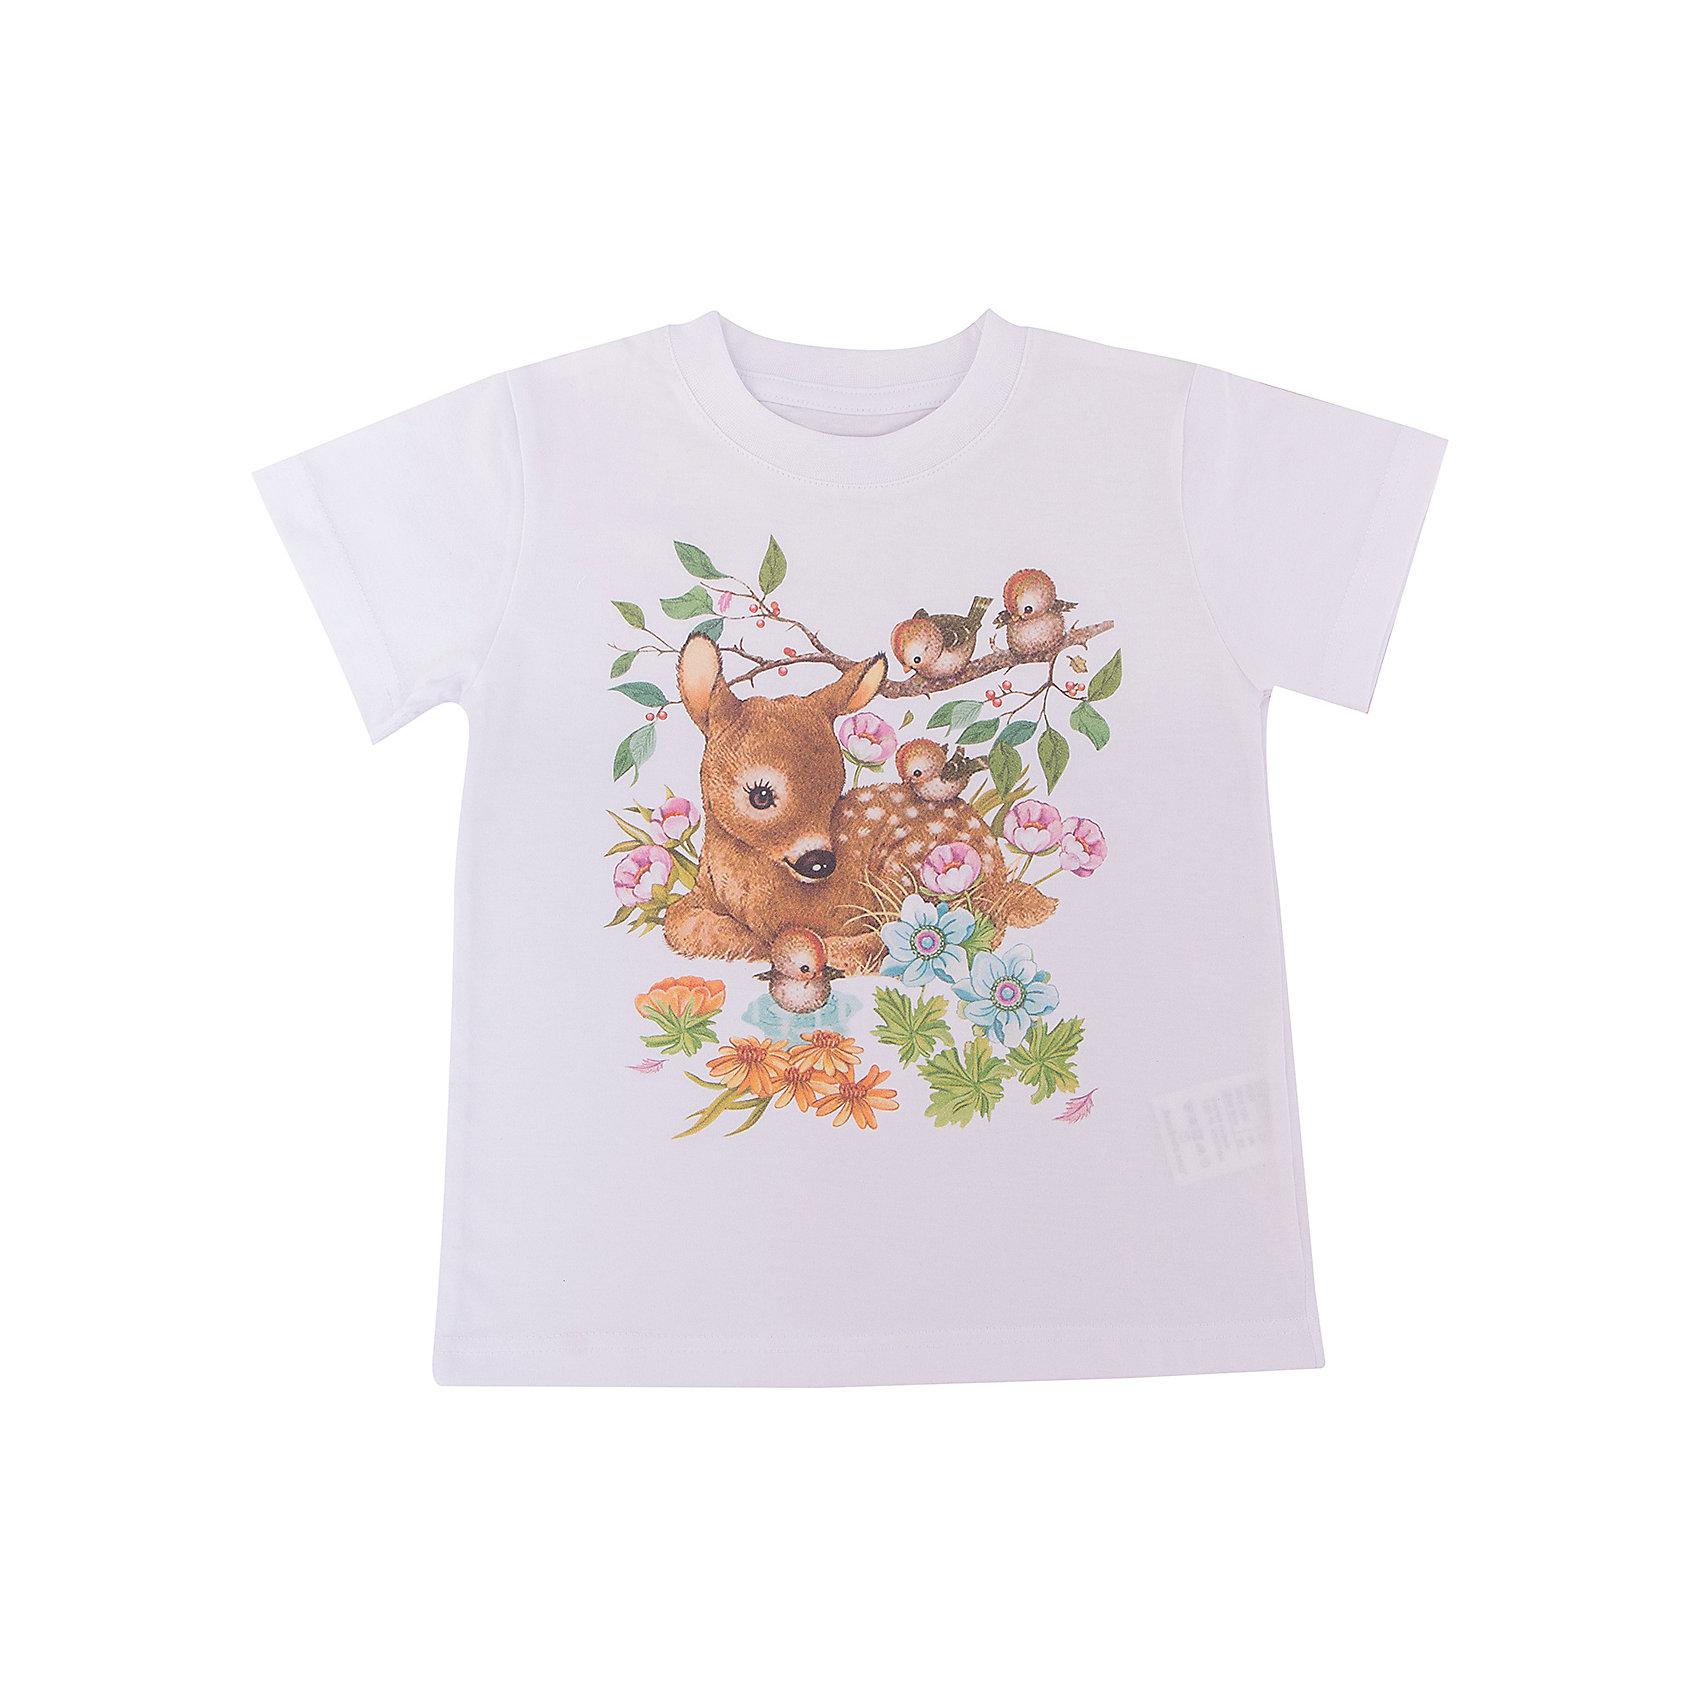 Футболка для девочки WOWФутболки, поло и топы<br>Футболка для девочки WOW<br>Незаменимой вещью в  гардеробе послужит футболка с коротким рукавом. Стильная и в тоже время комфортная модель, с яркой оригинальной печатью, будет превосходно смотреться на ребенке.<br>Состав:<br>кулирная гладь 100% хлопок<br><br>Ширина мм: 199<br>Глубина мм: 10<br>Высота мм: 161<br>Вес г: 151<br>Цвет: белый<br>Возраст от месяцев: 72<br>Возраст до месяцев: 84<br>Пол: Женский<br>Возраст: Детский<br>Размер: 122,98,104,110,116<br>SKU: 6871533